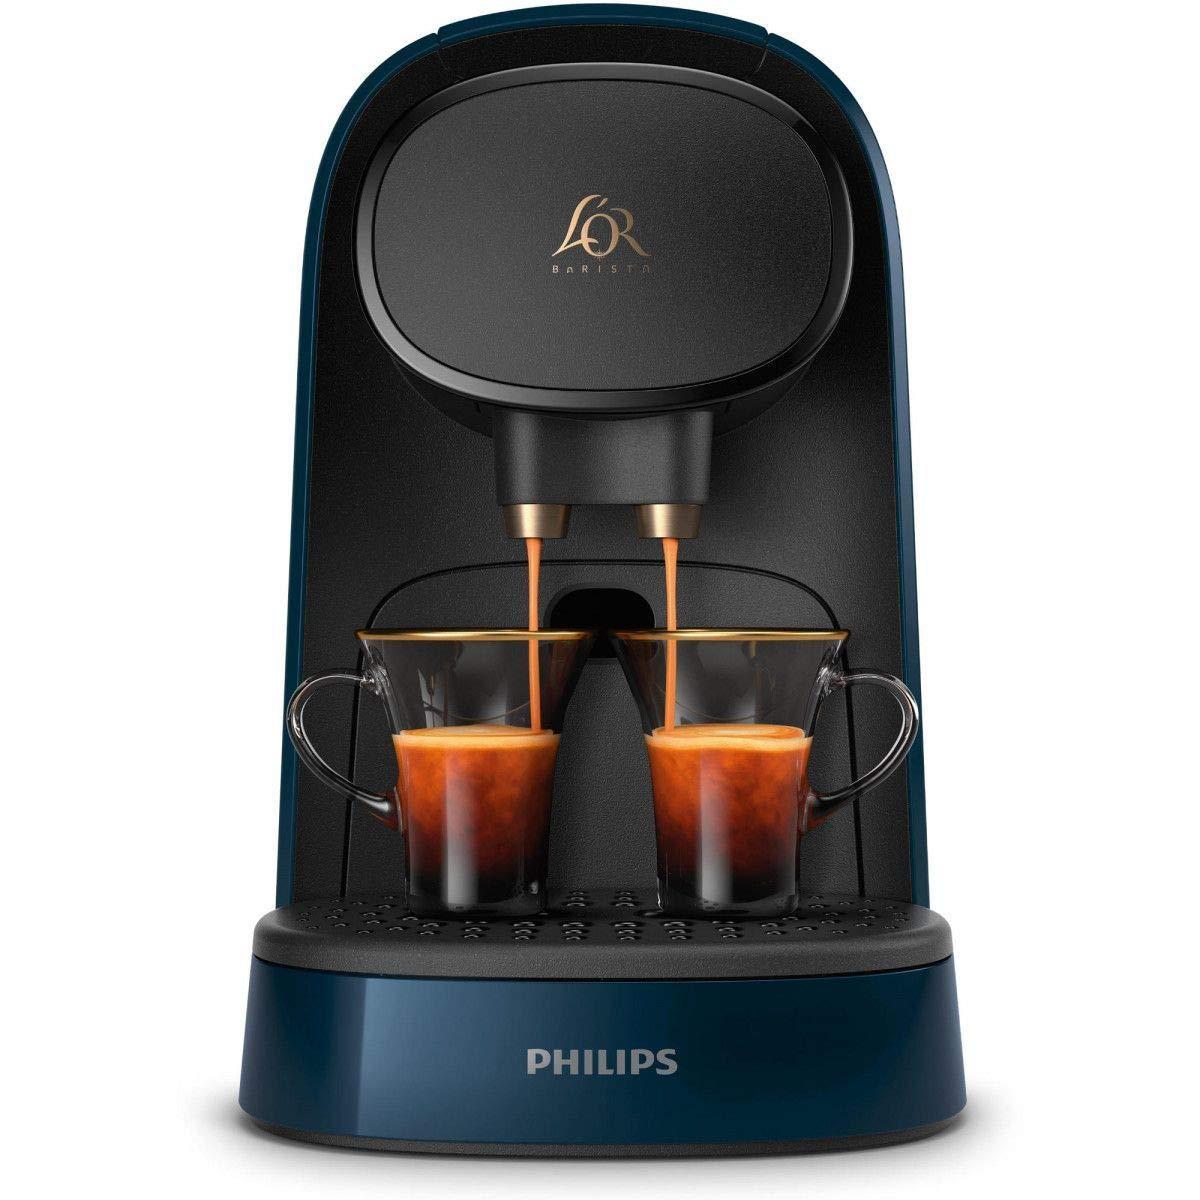 Philips cápsulas CAFETERA Express LM8012/41 LOR Barista Azul (Doble CAPUSLA), 1 Liter, Plástico: Amazon.es: Hogar